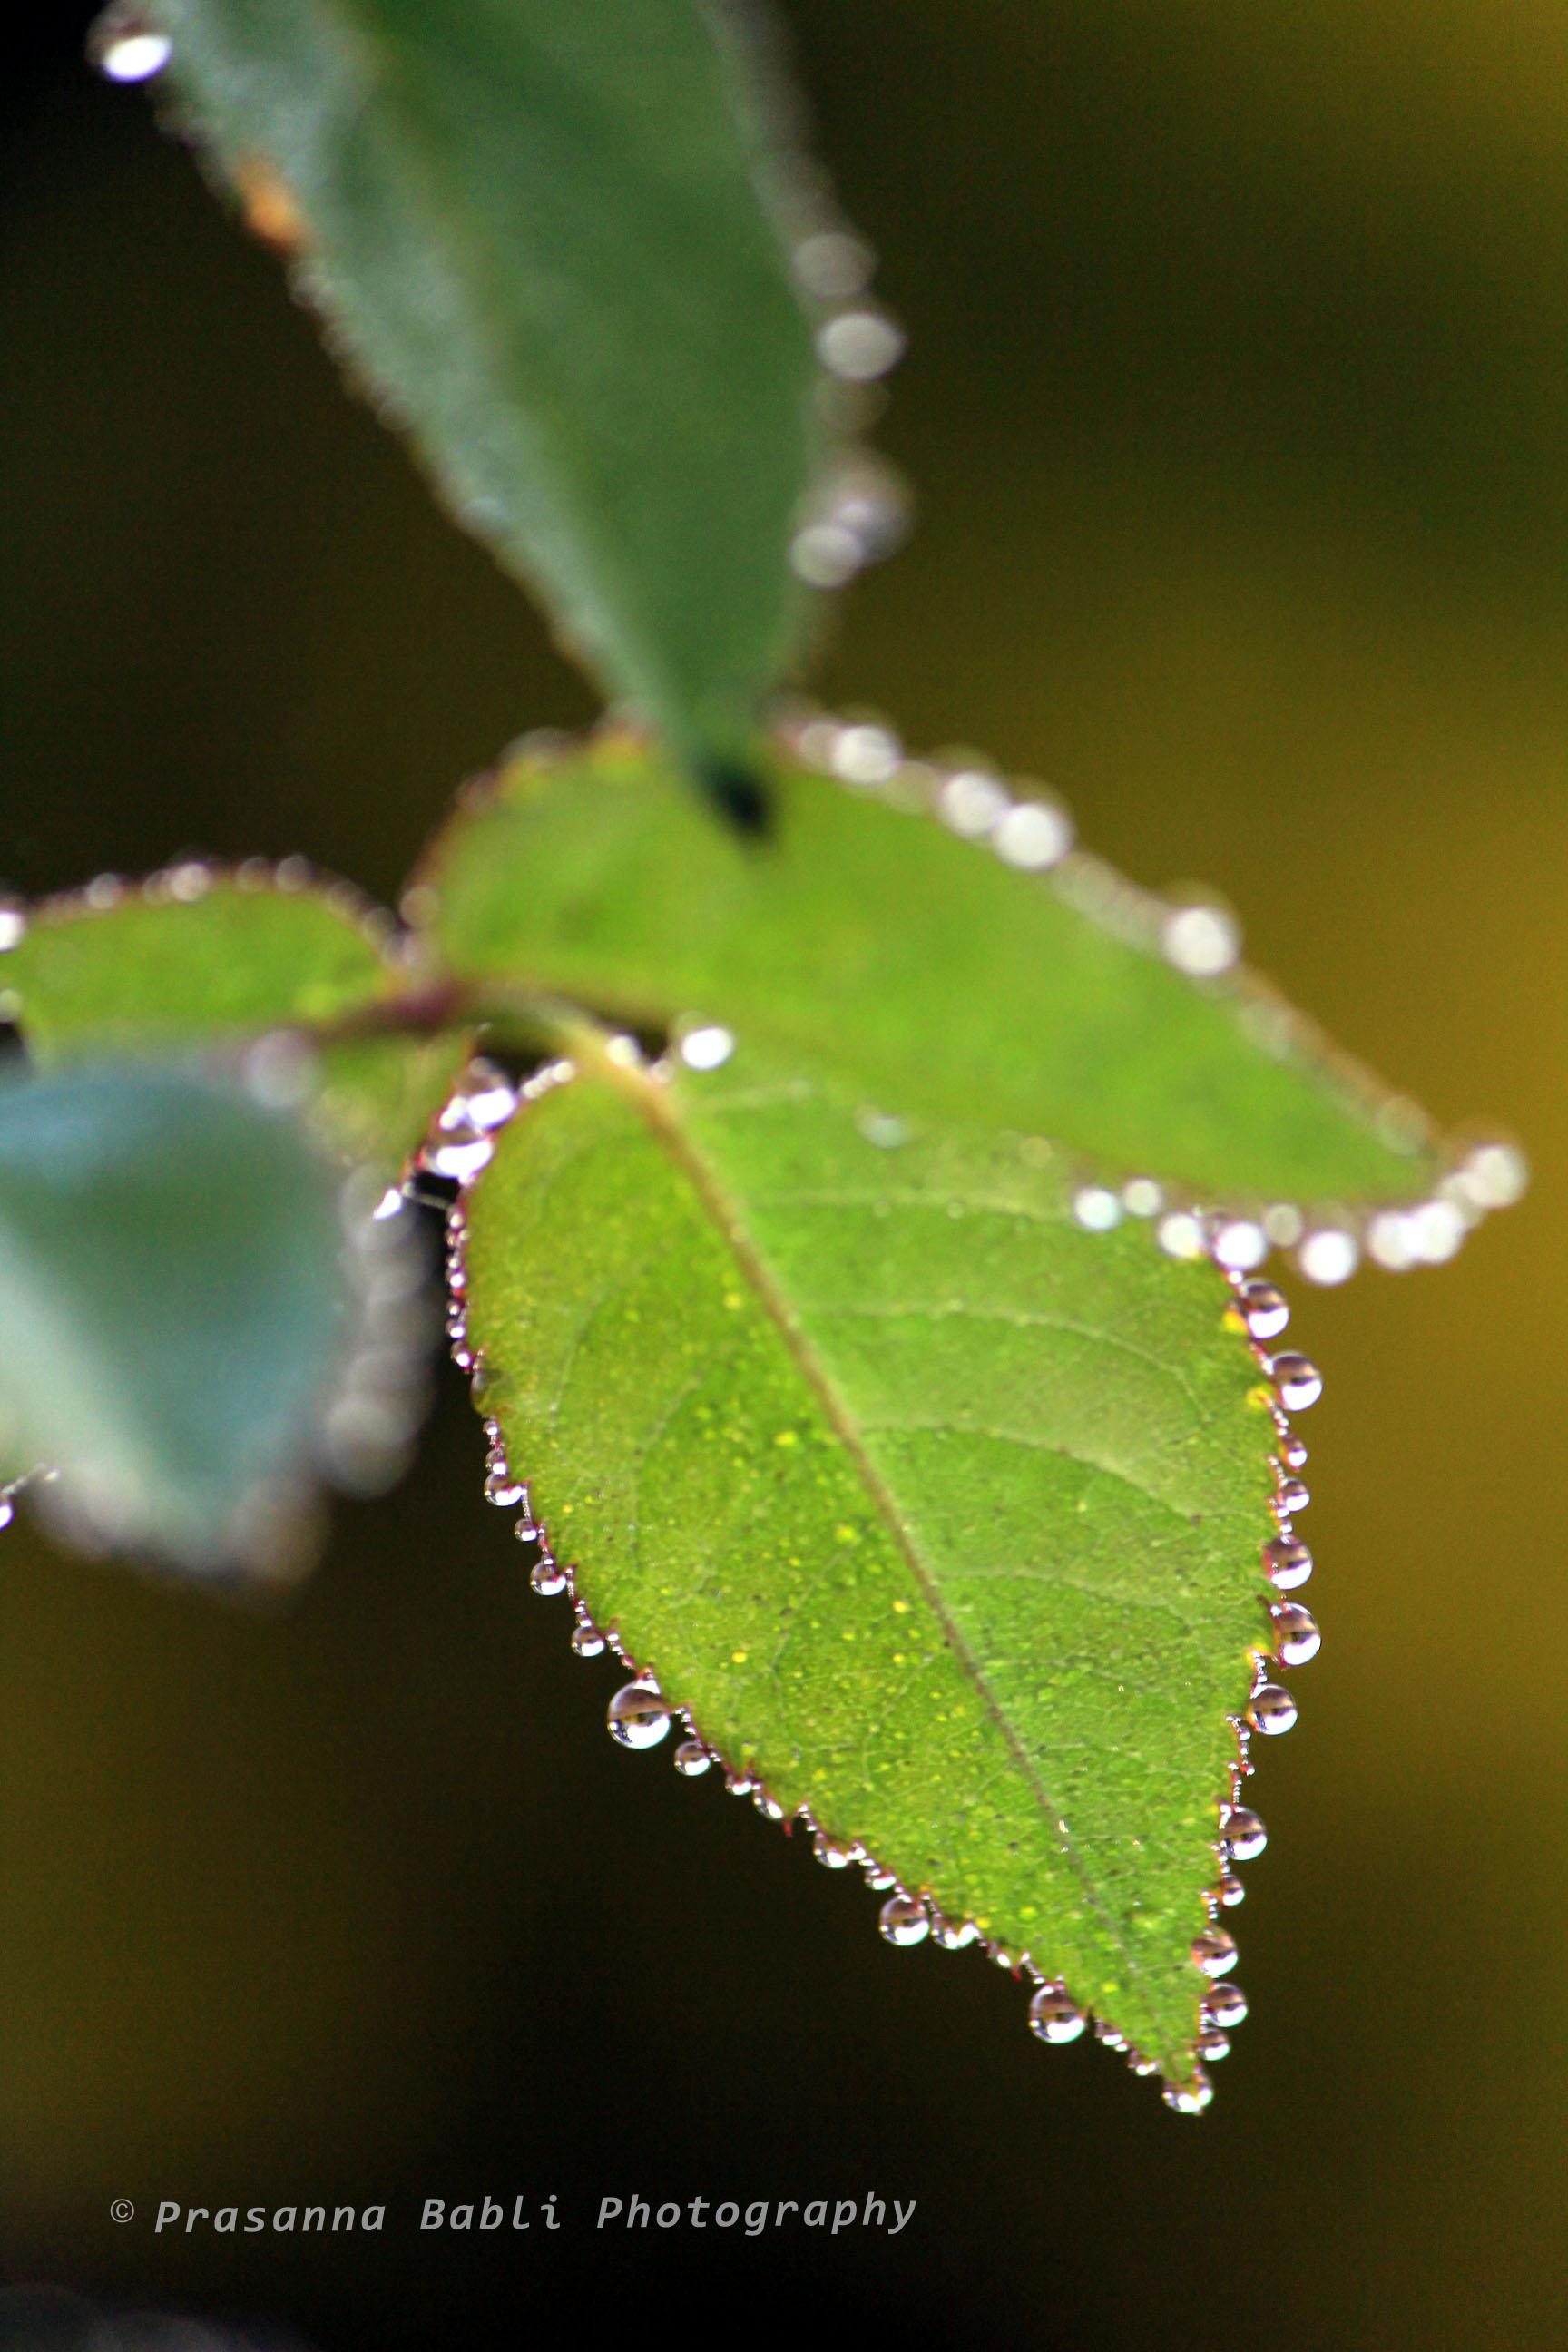 dewdrops on leaflet